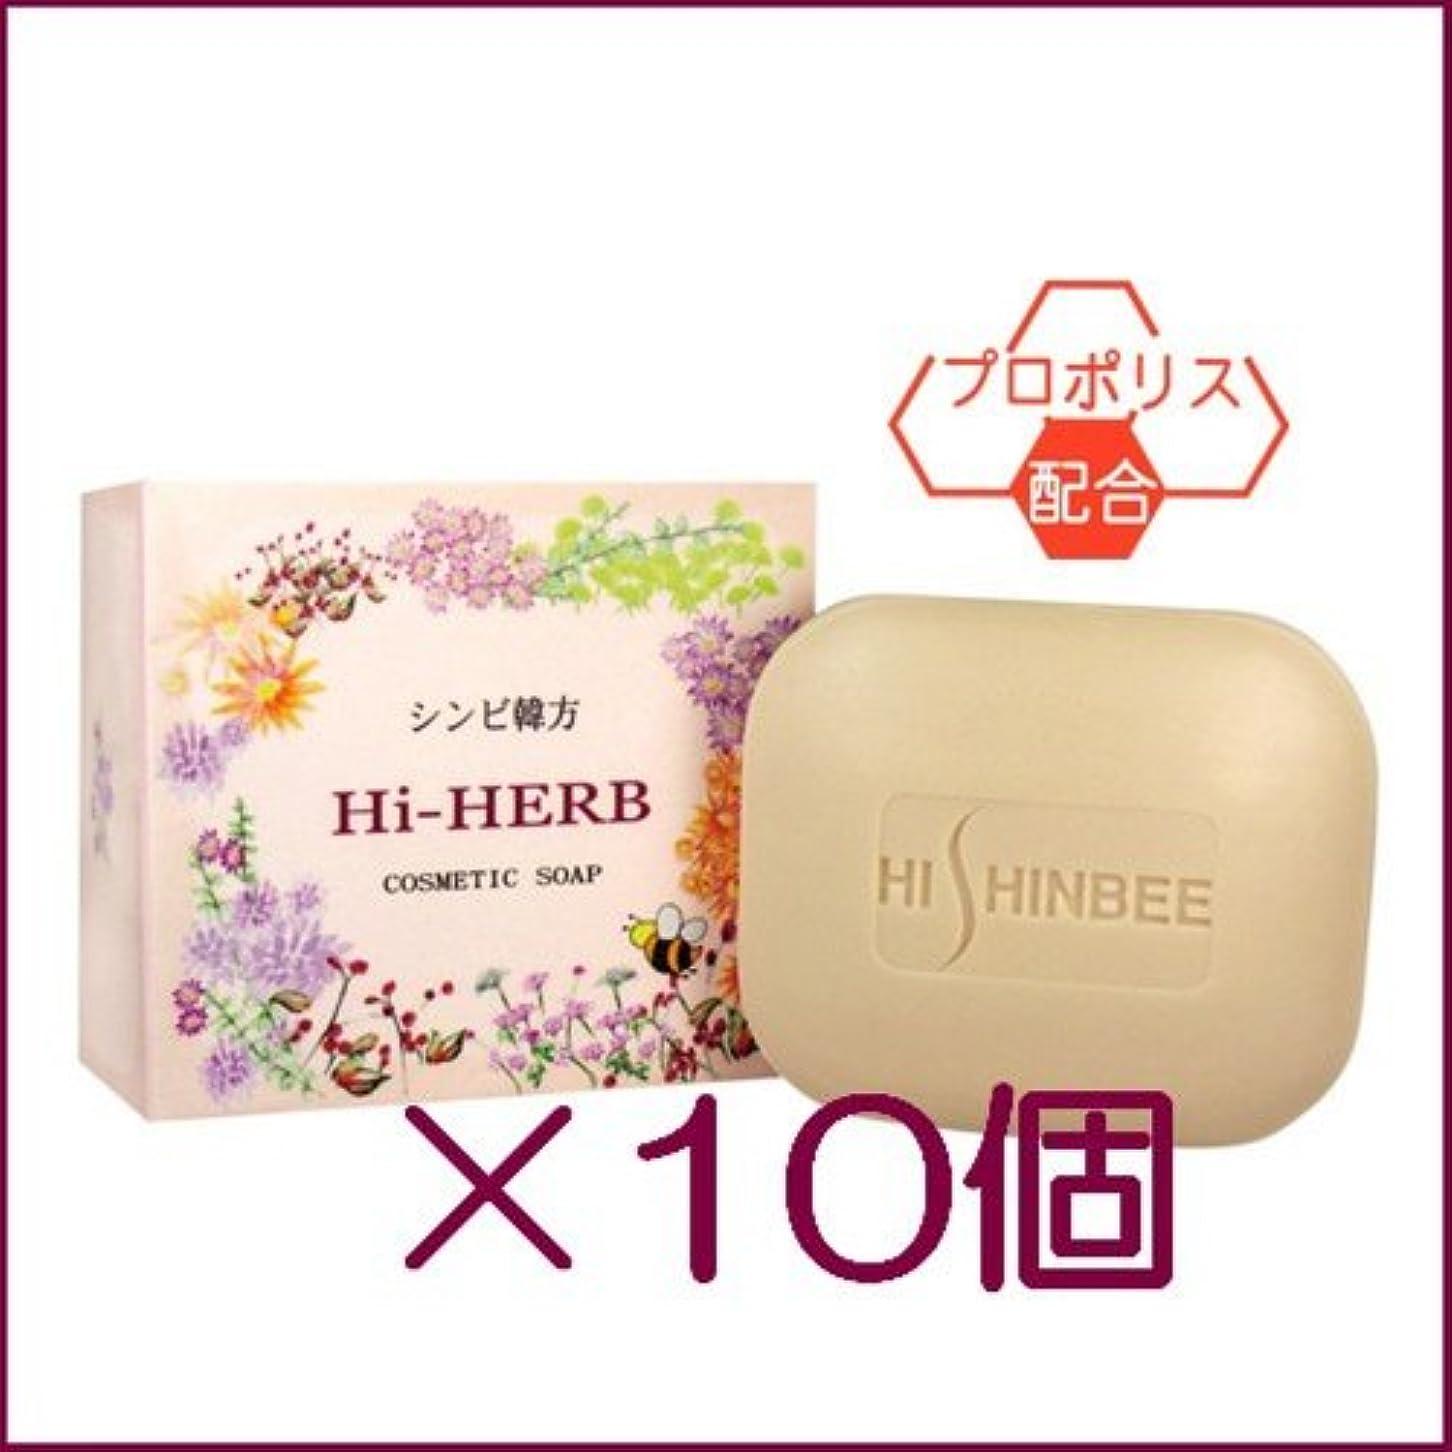 エピソードフィヨルド廃止シンビ 韓方ハイハーブ石鹸 100g ×10個